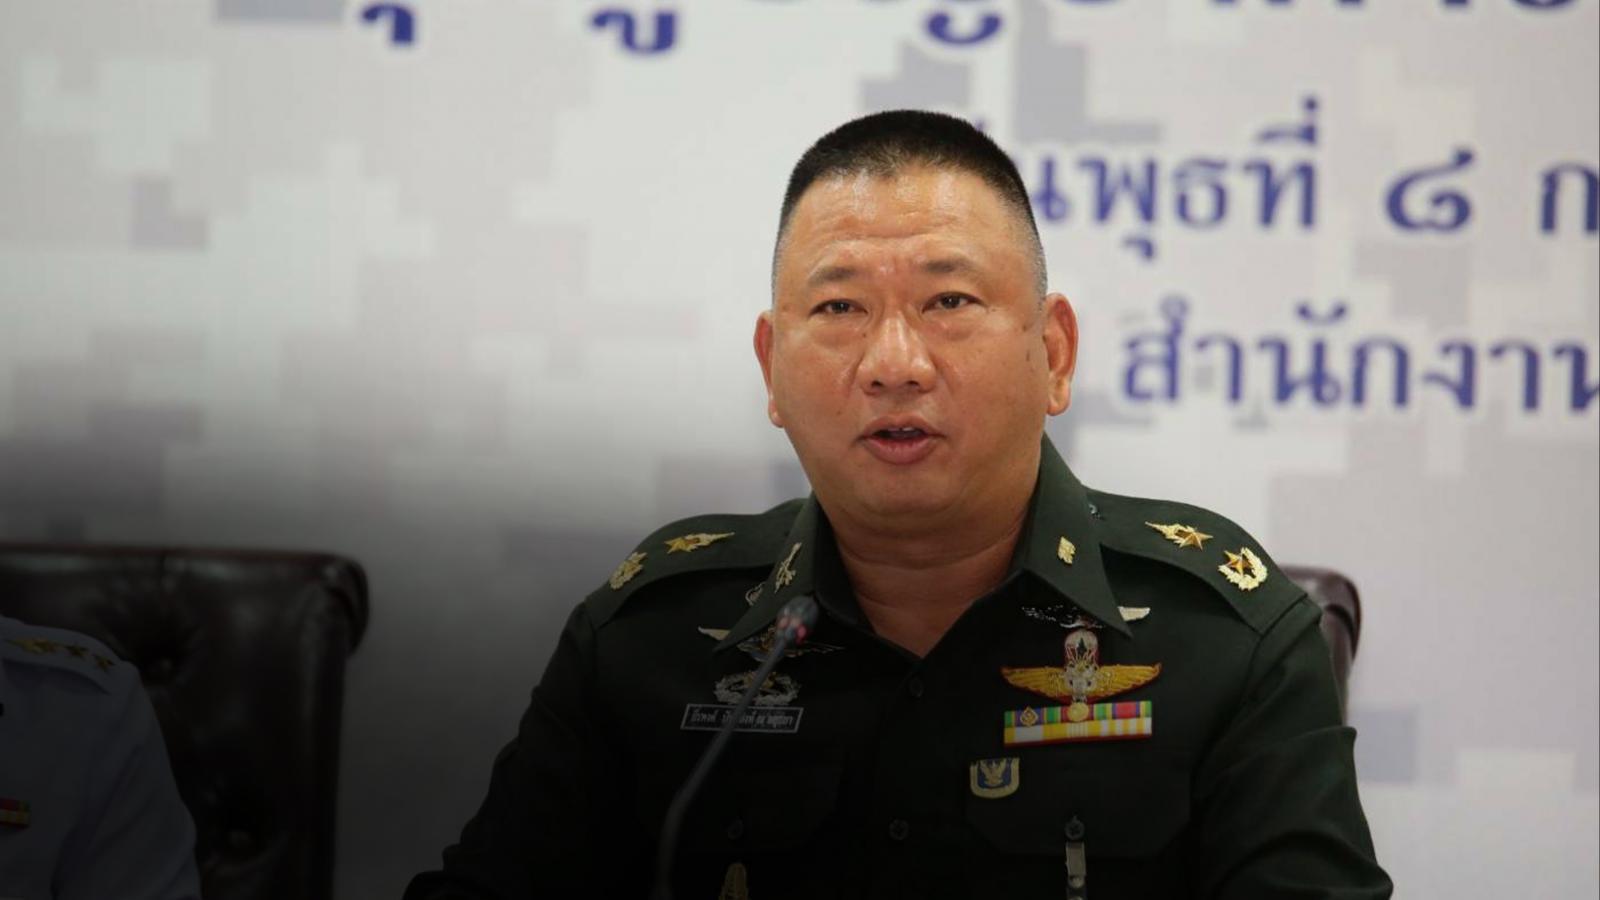 กองทัพไทย แจงปมทหารใหม่ผลัด 1/63 เสียชีวิต คาด หัวใจเต้นผิดจังหวะ